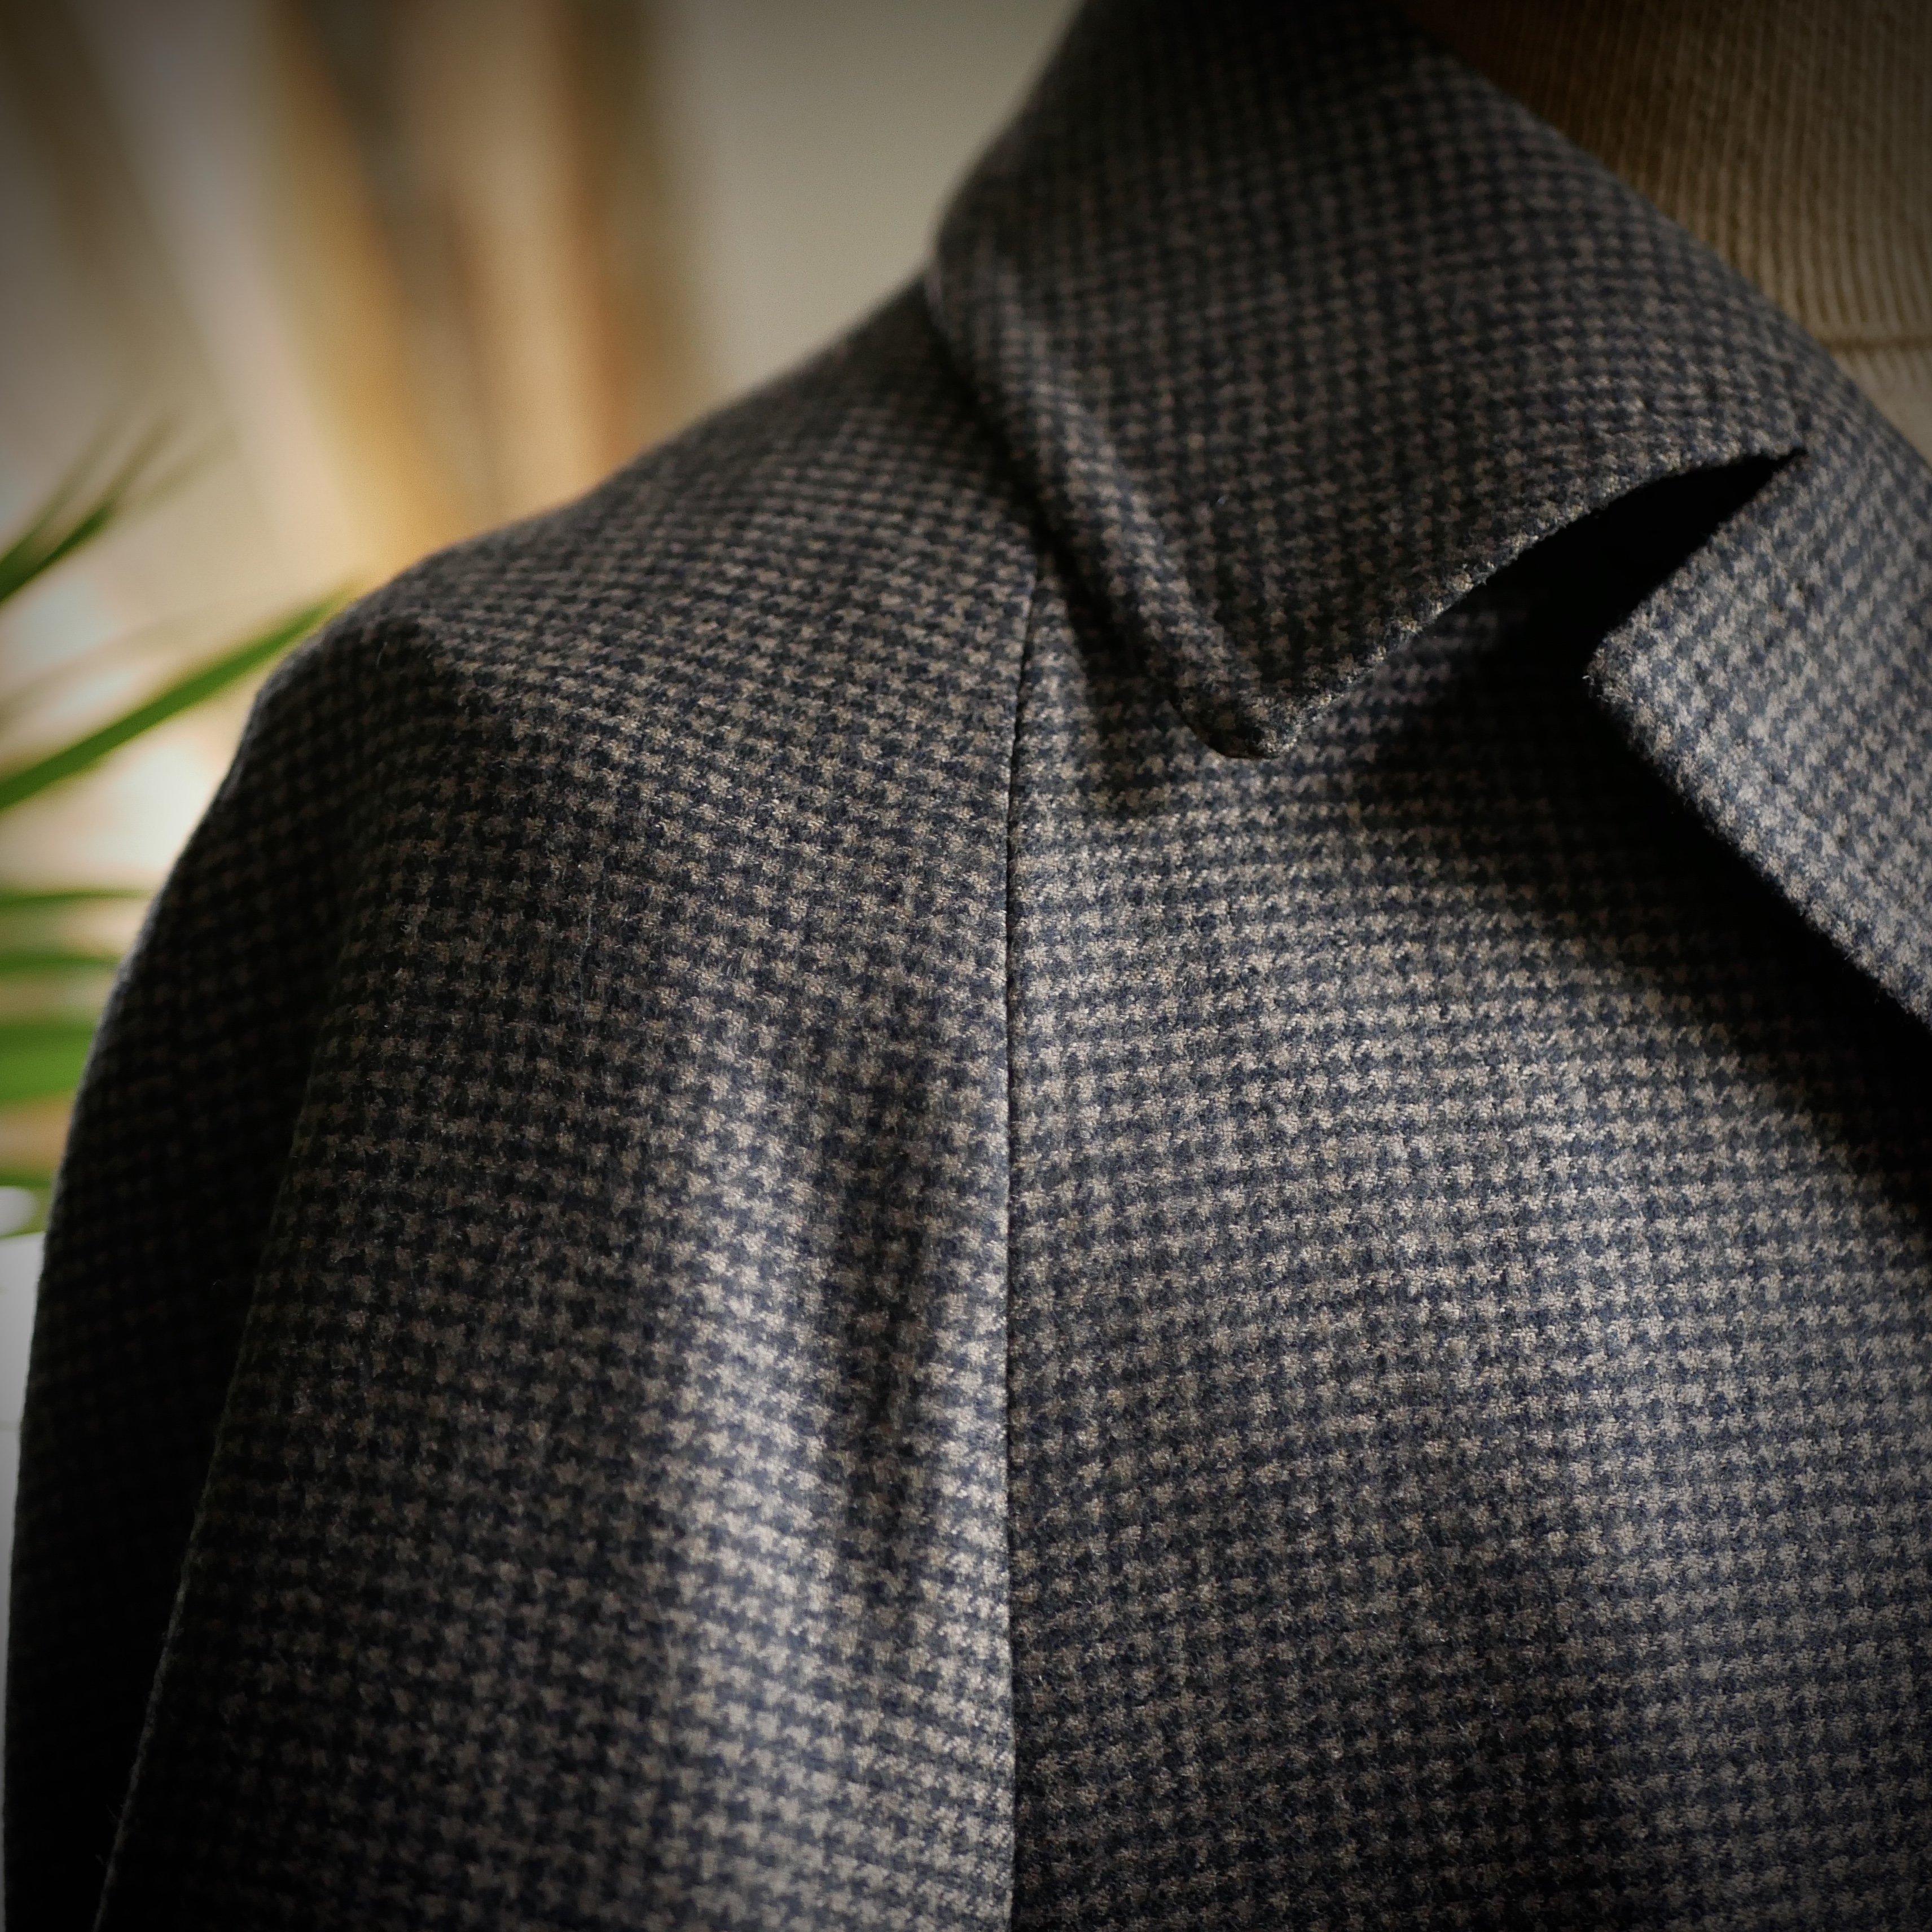 Overcoat_20201006_overcoat_13.jpg